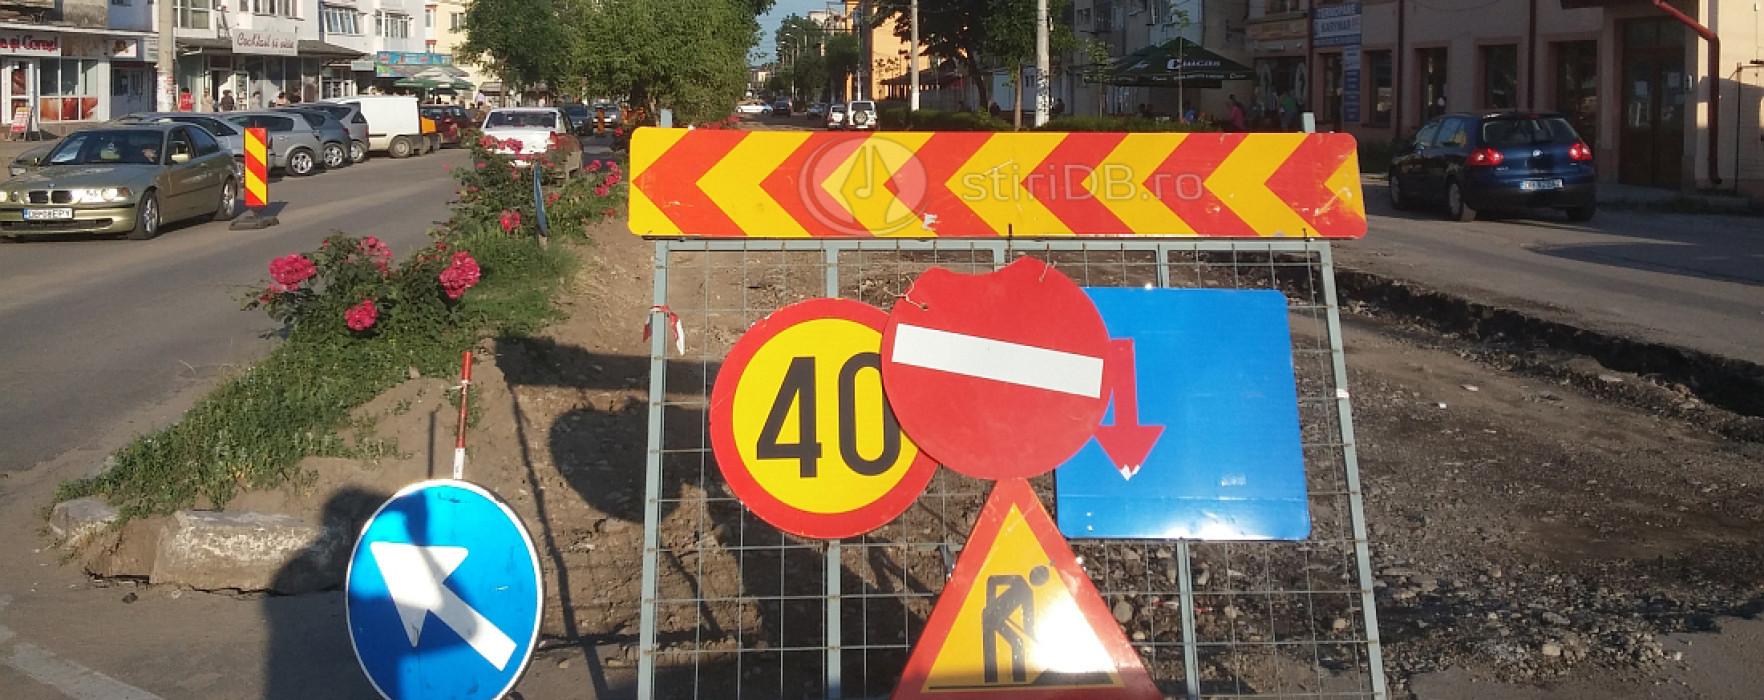 Zeci de şoferi amendaţi pentru nerespectarea semnalizării pe străzile în lucru din Târgovişte